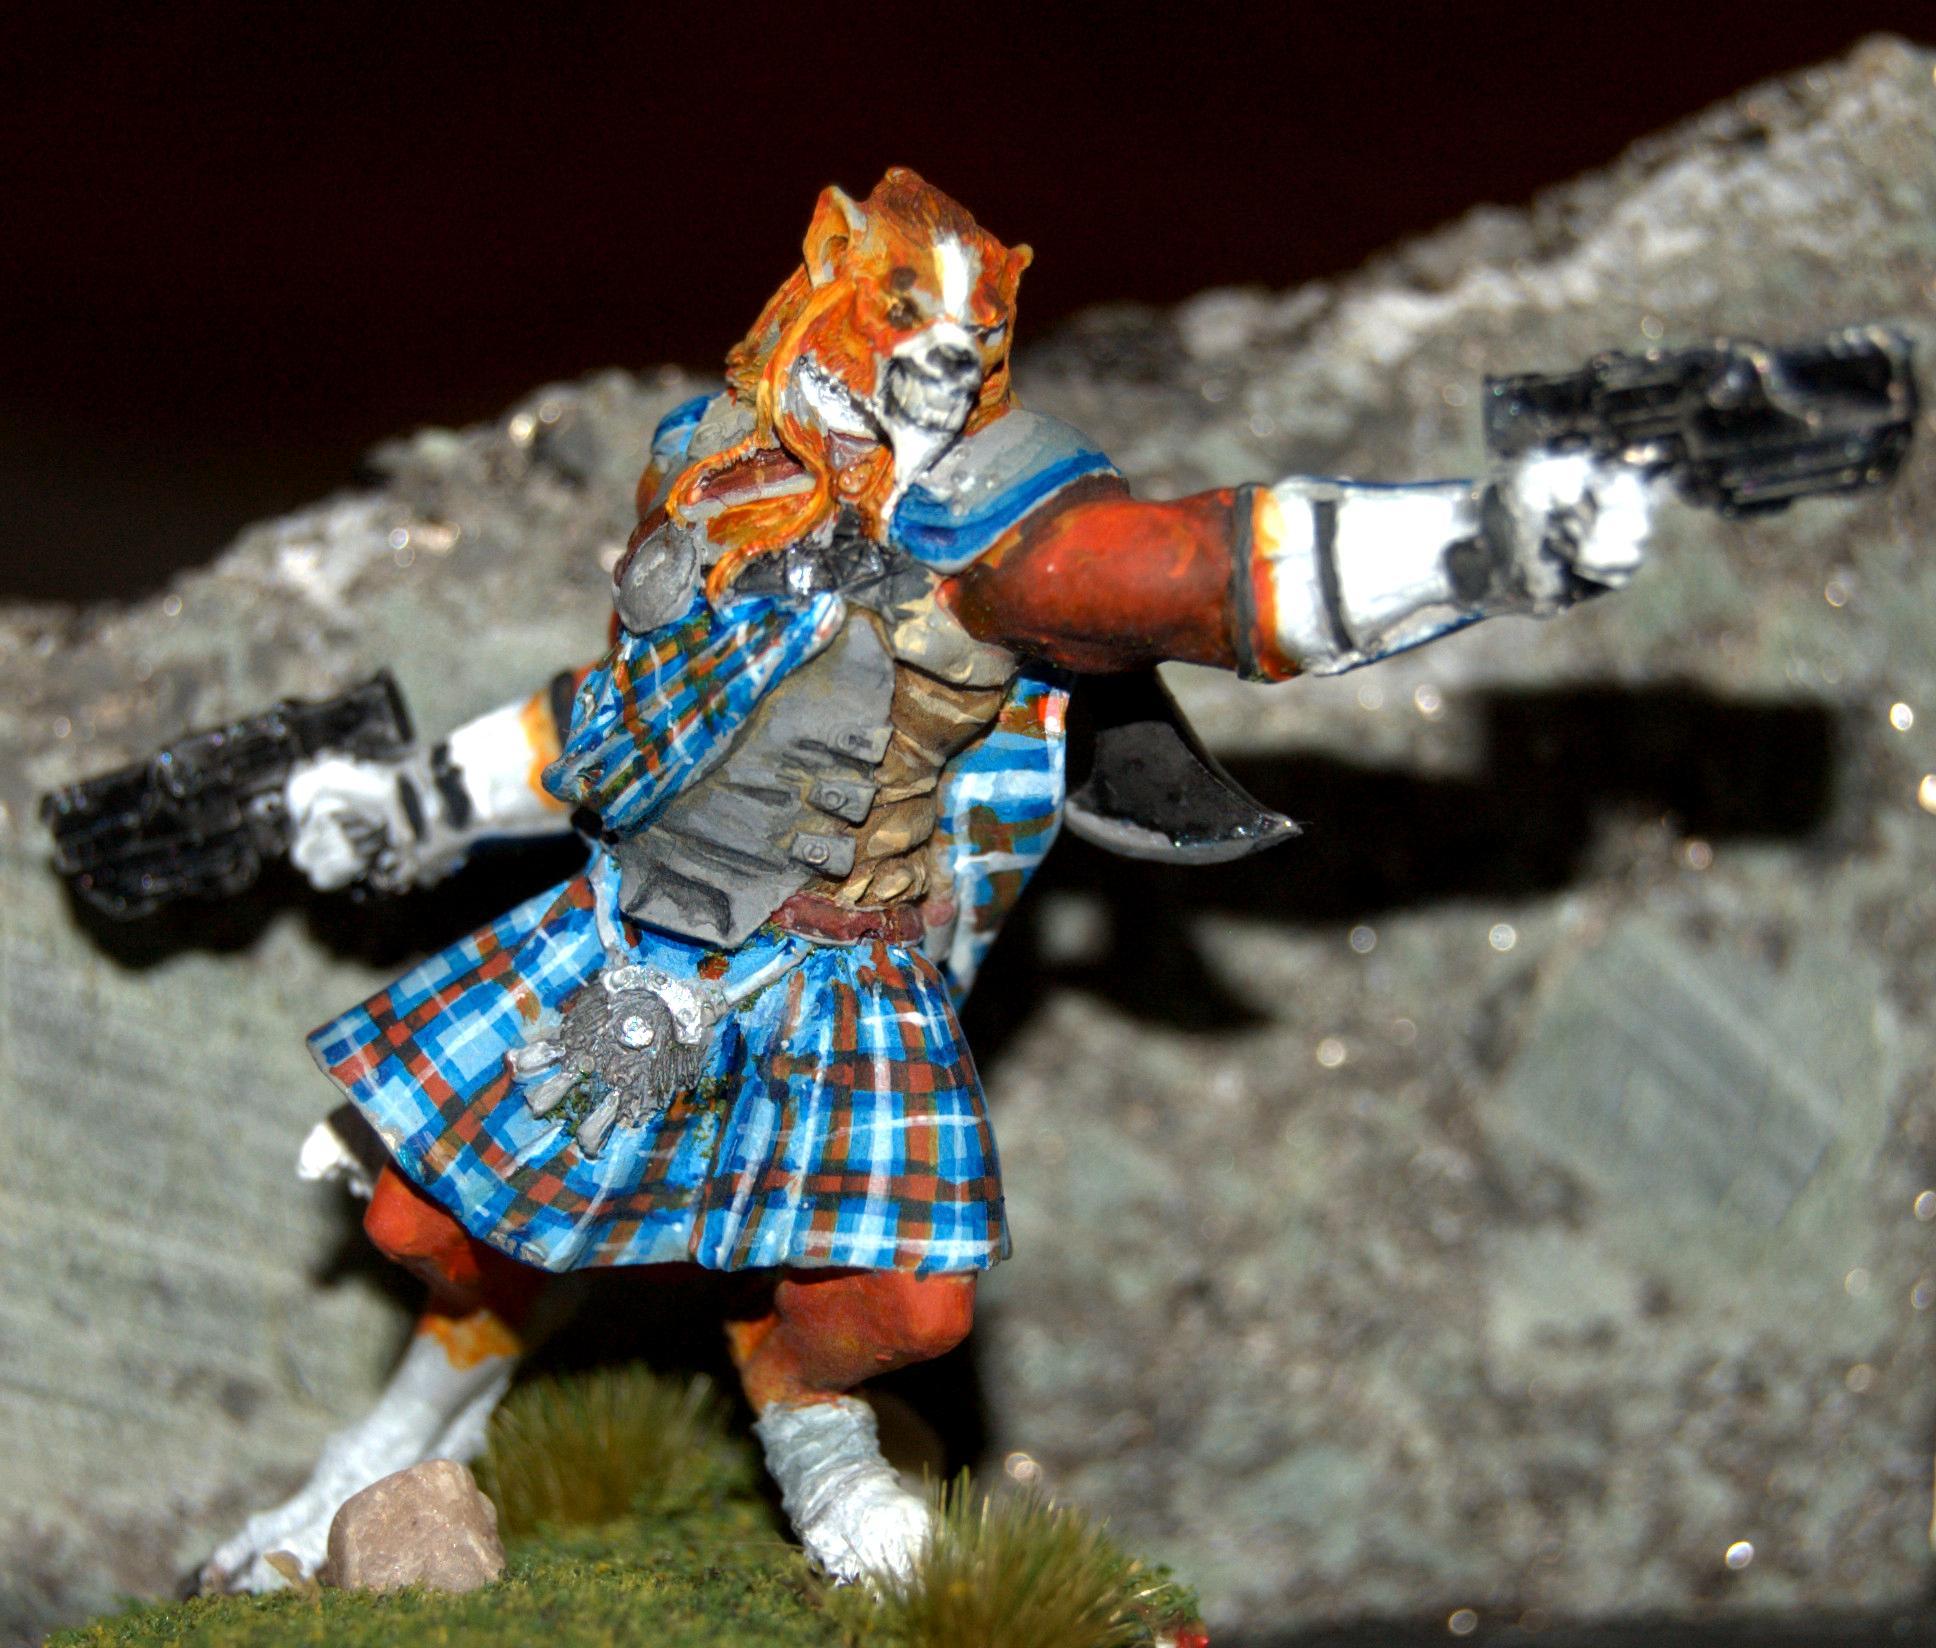 Ariadna, Dog Warrior, Infinity